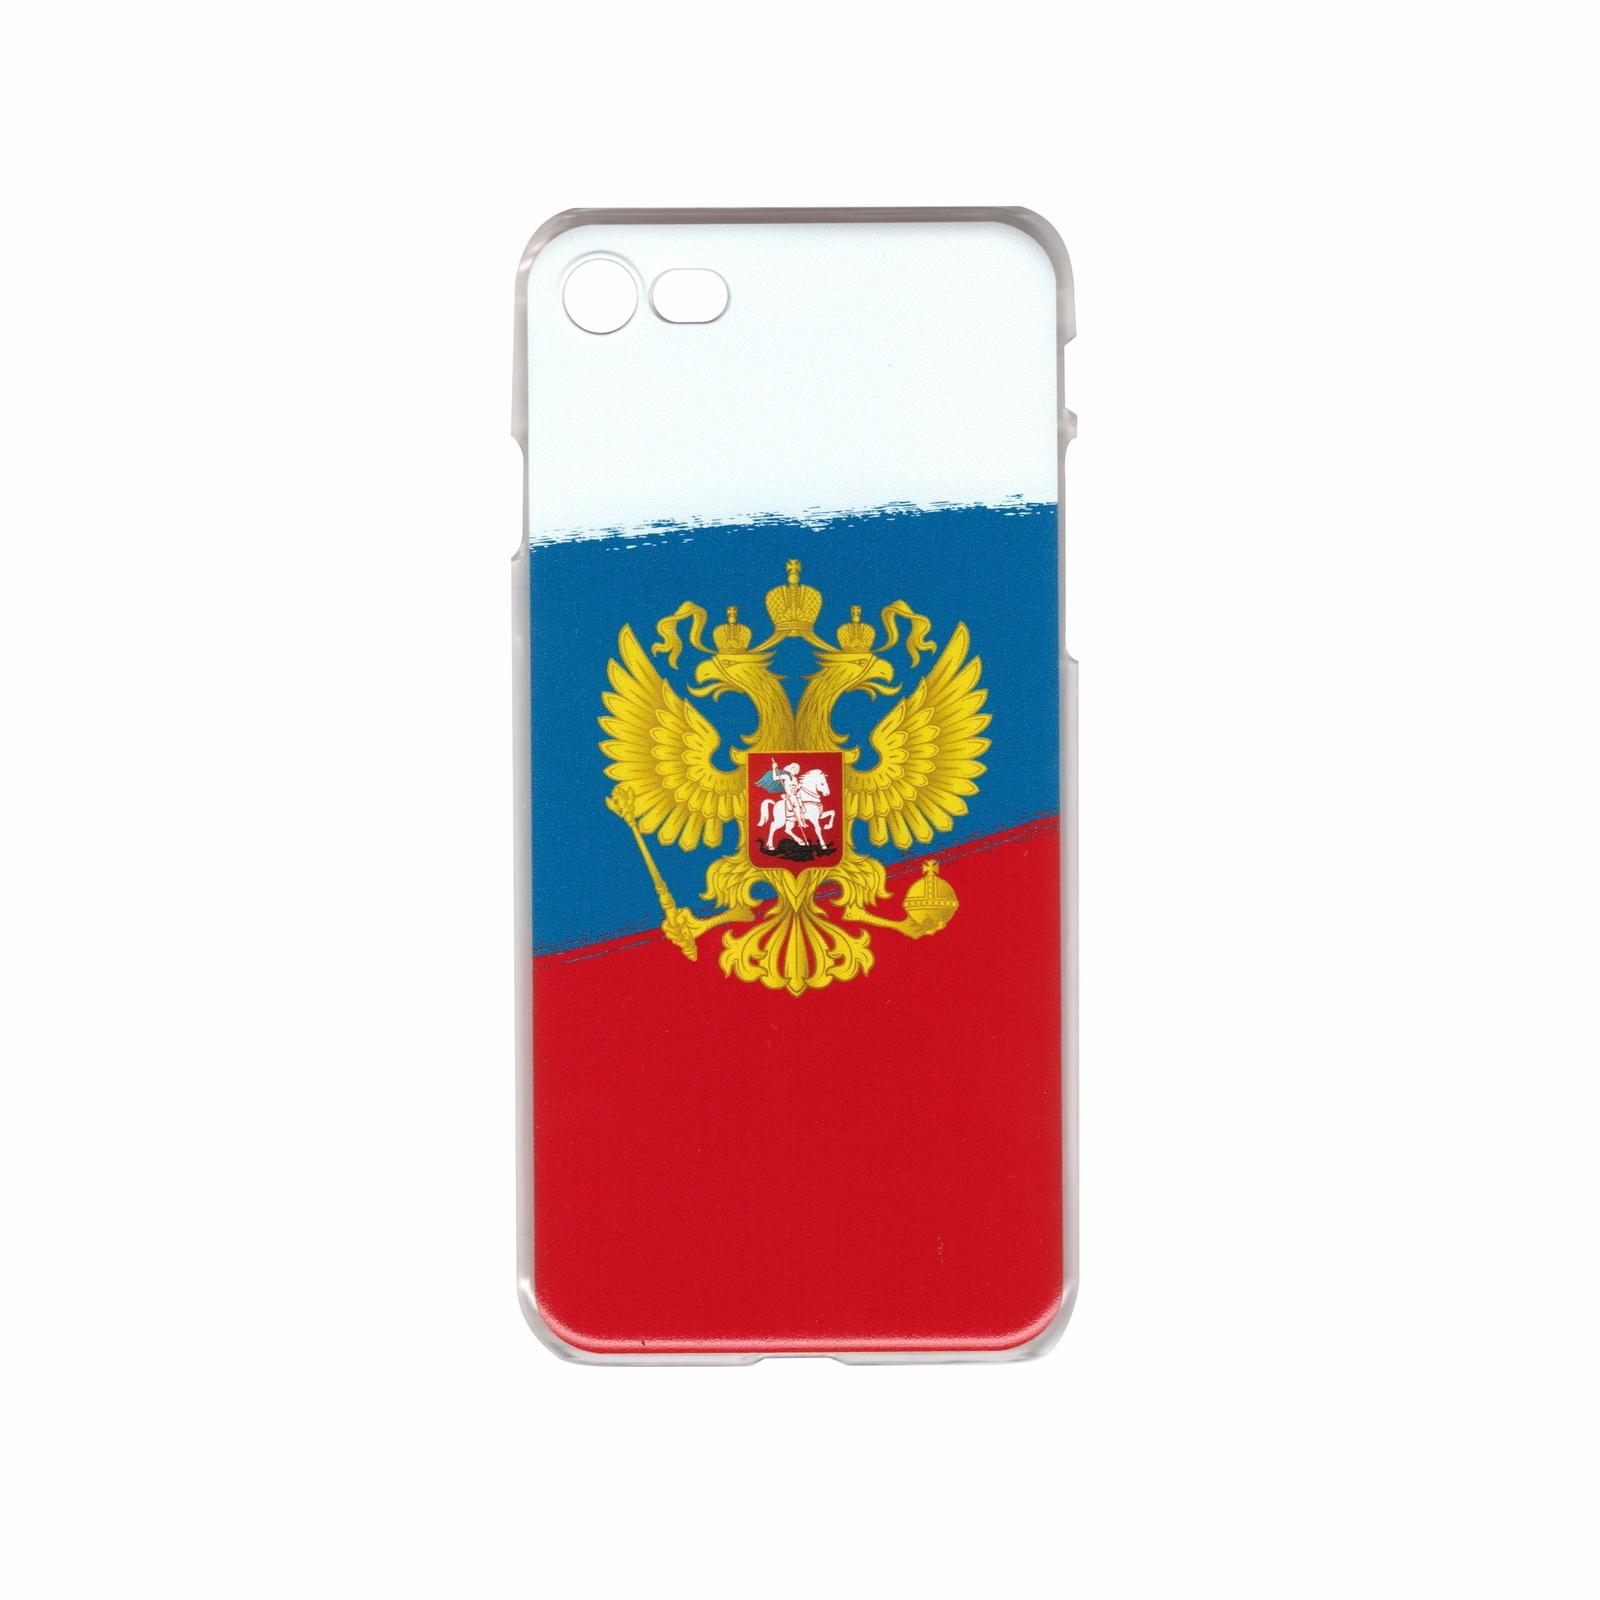 Чехол для сотового телефона IQ Format пластиковый для iPhone 7 и 8, Герб России, белый, красный, синий iq format чехол крышка iq format slim для apple iphone 7 plus 8 plus пластик голубой